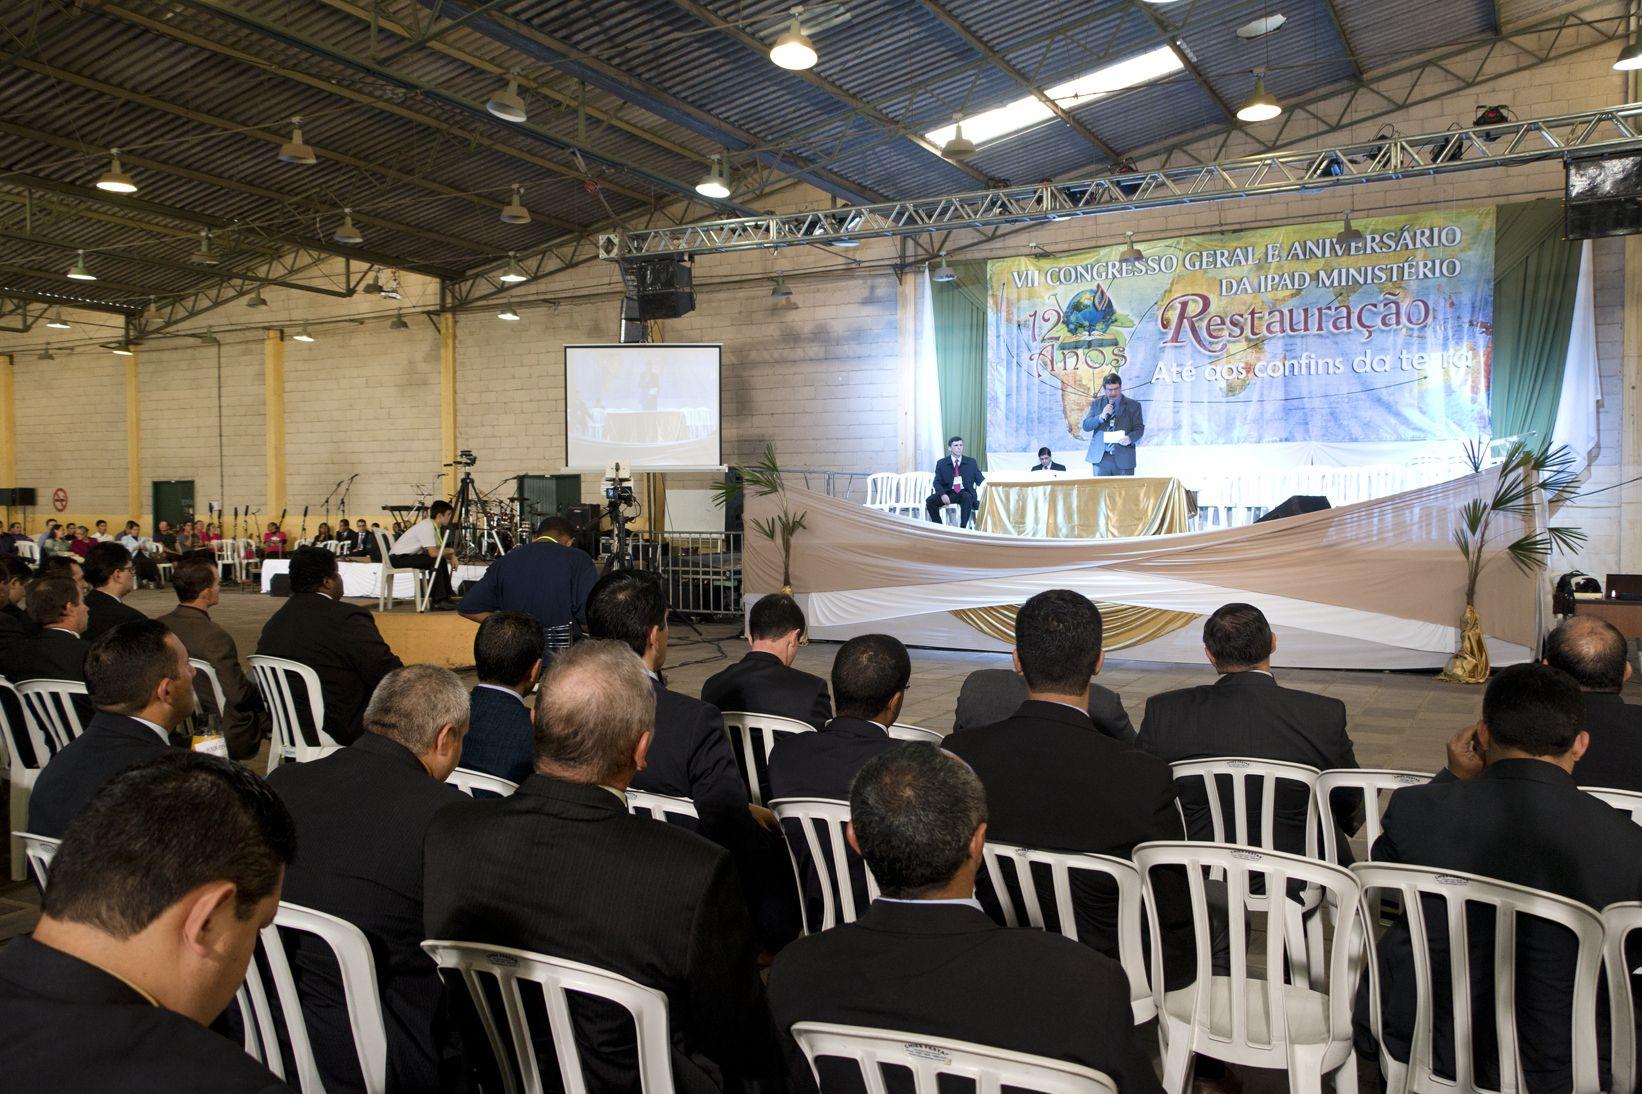 Congresso Geral 2016 - 2º Dia - 26.03.2016 (3)